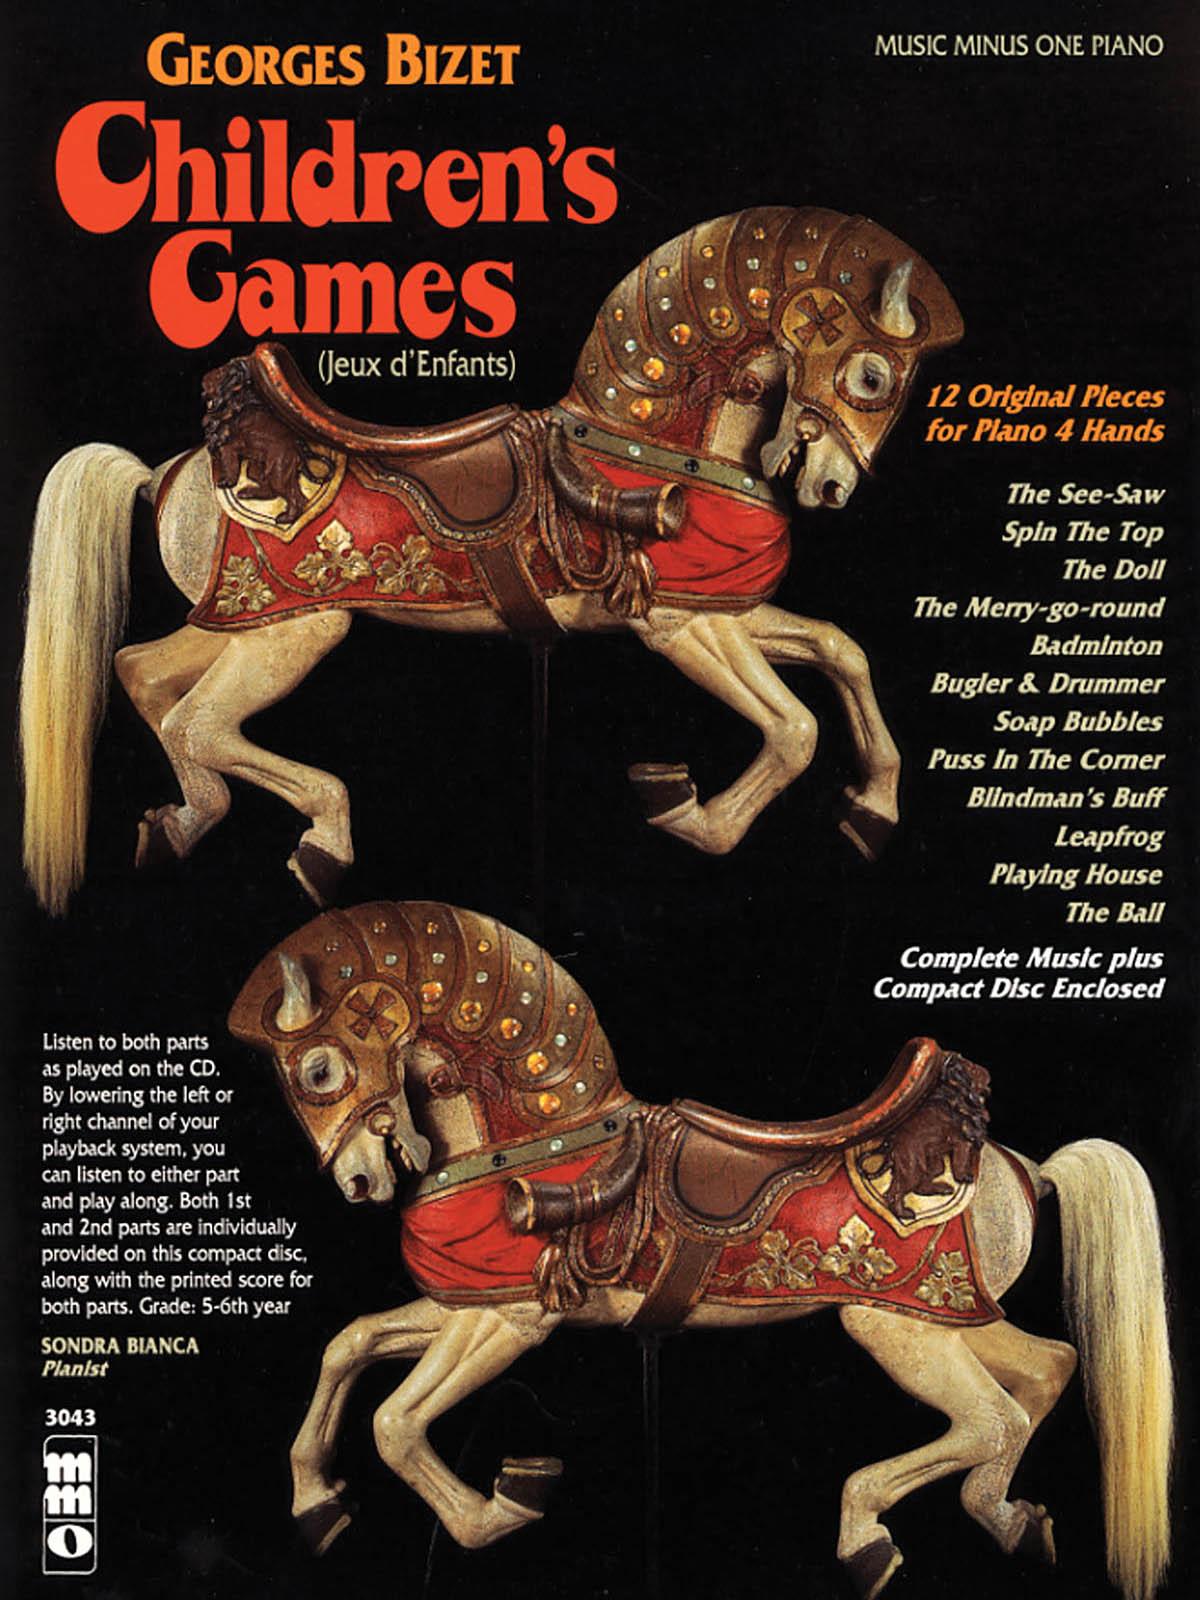 Georges Bizet: Children's Games (Jeux d'Enfants): Piano 4 Hands: Instrumental